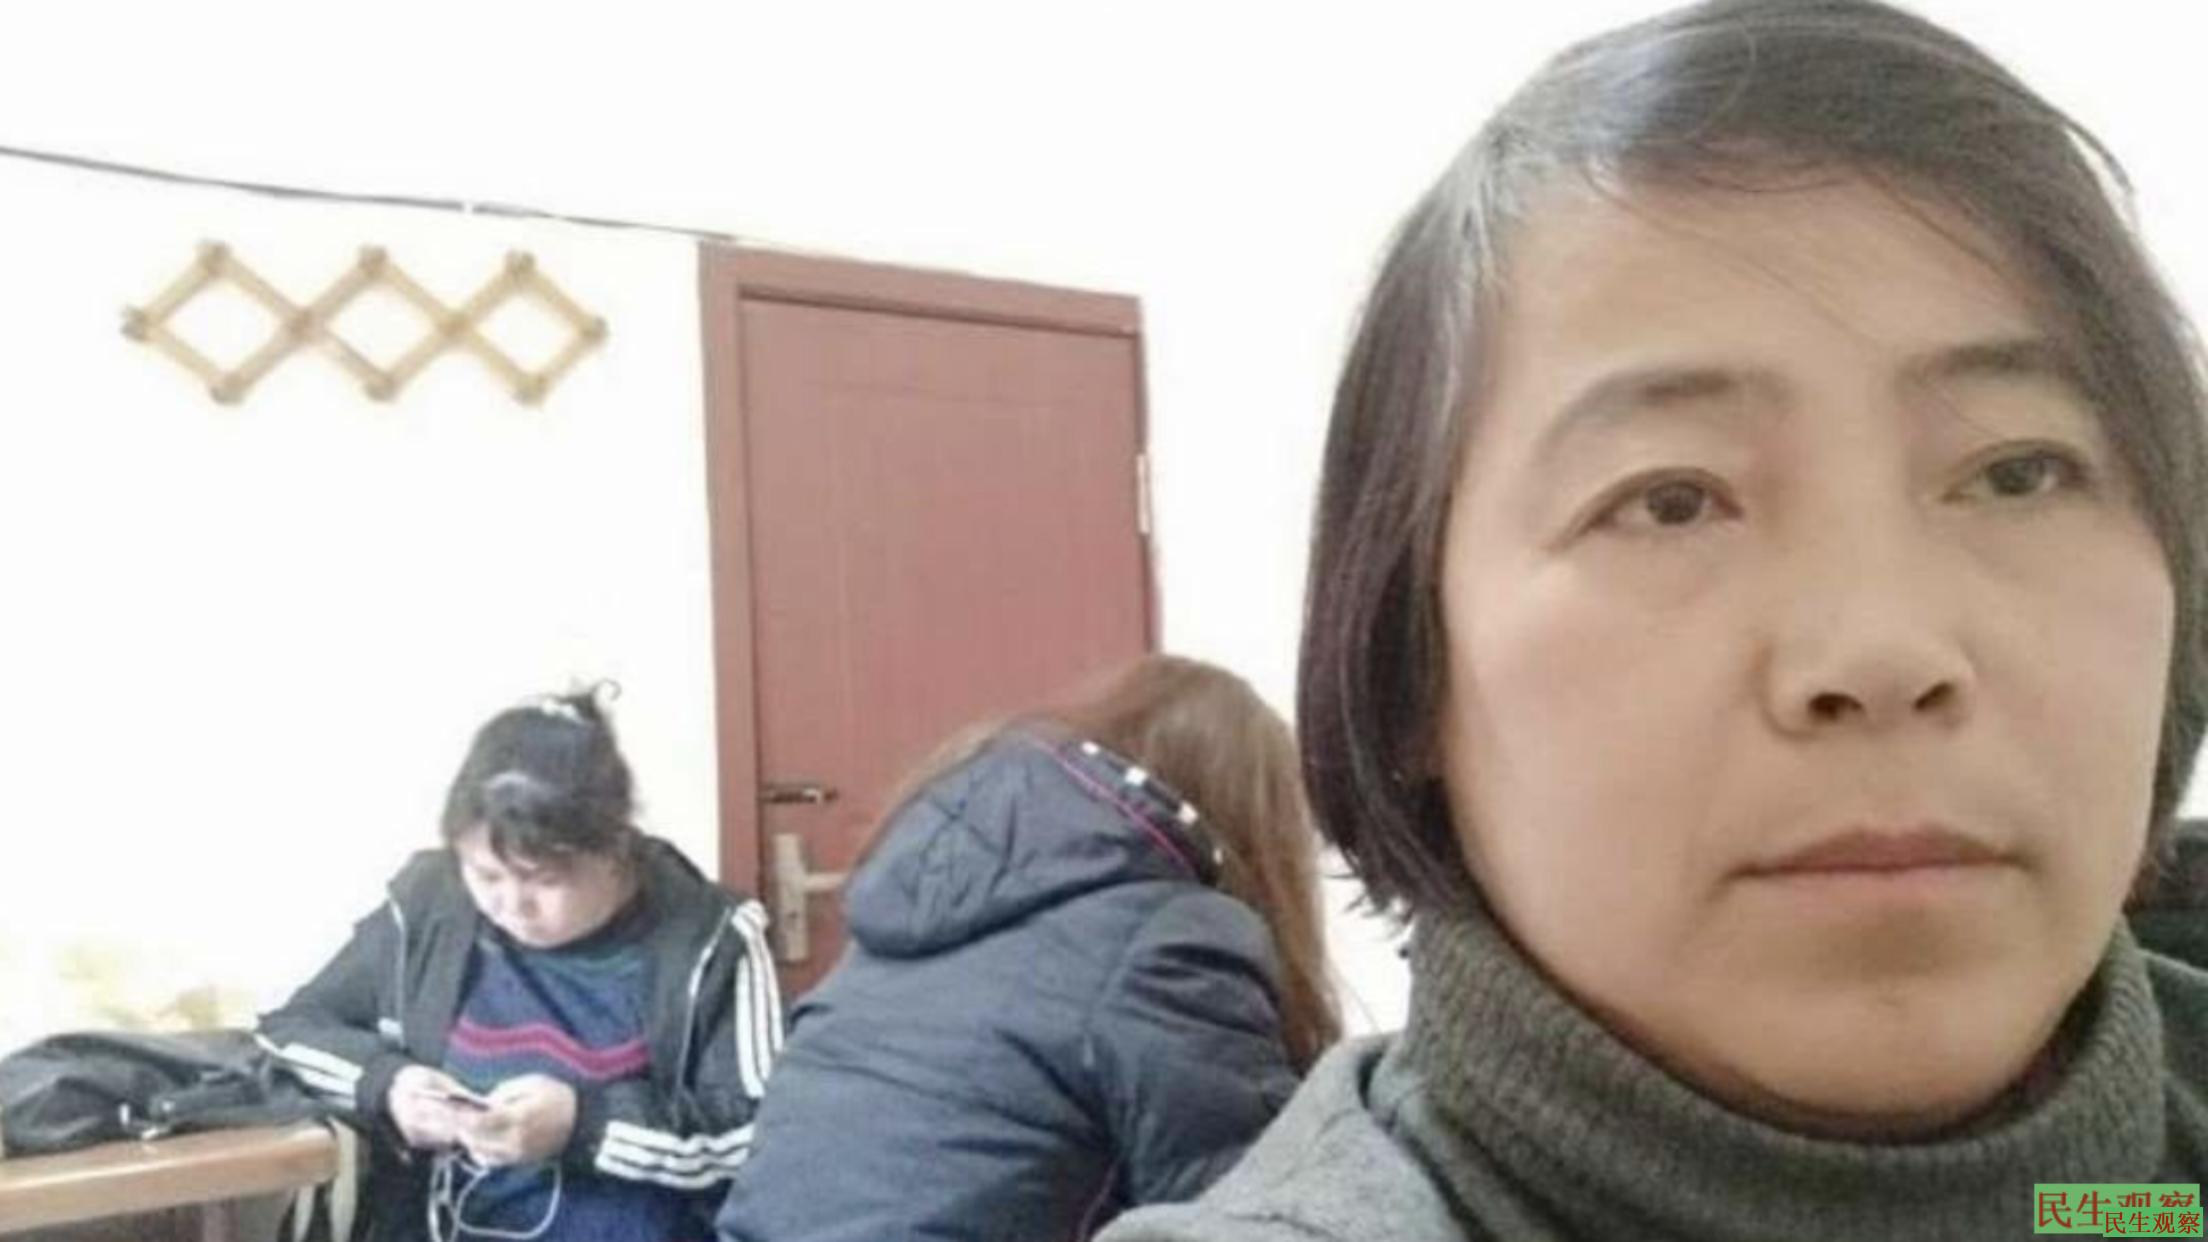 赵桂荣被恐吓住院 王晓君遭驱赶失联